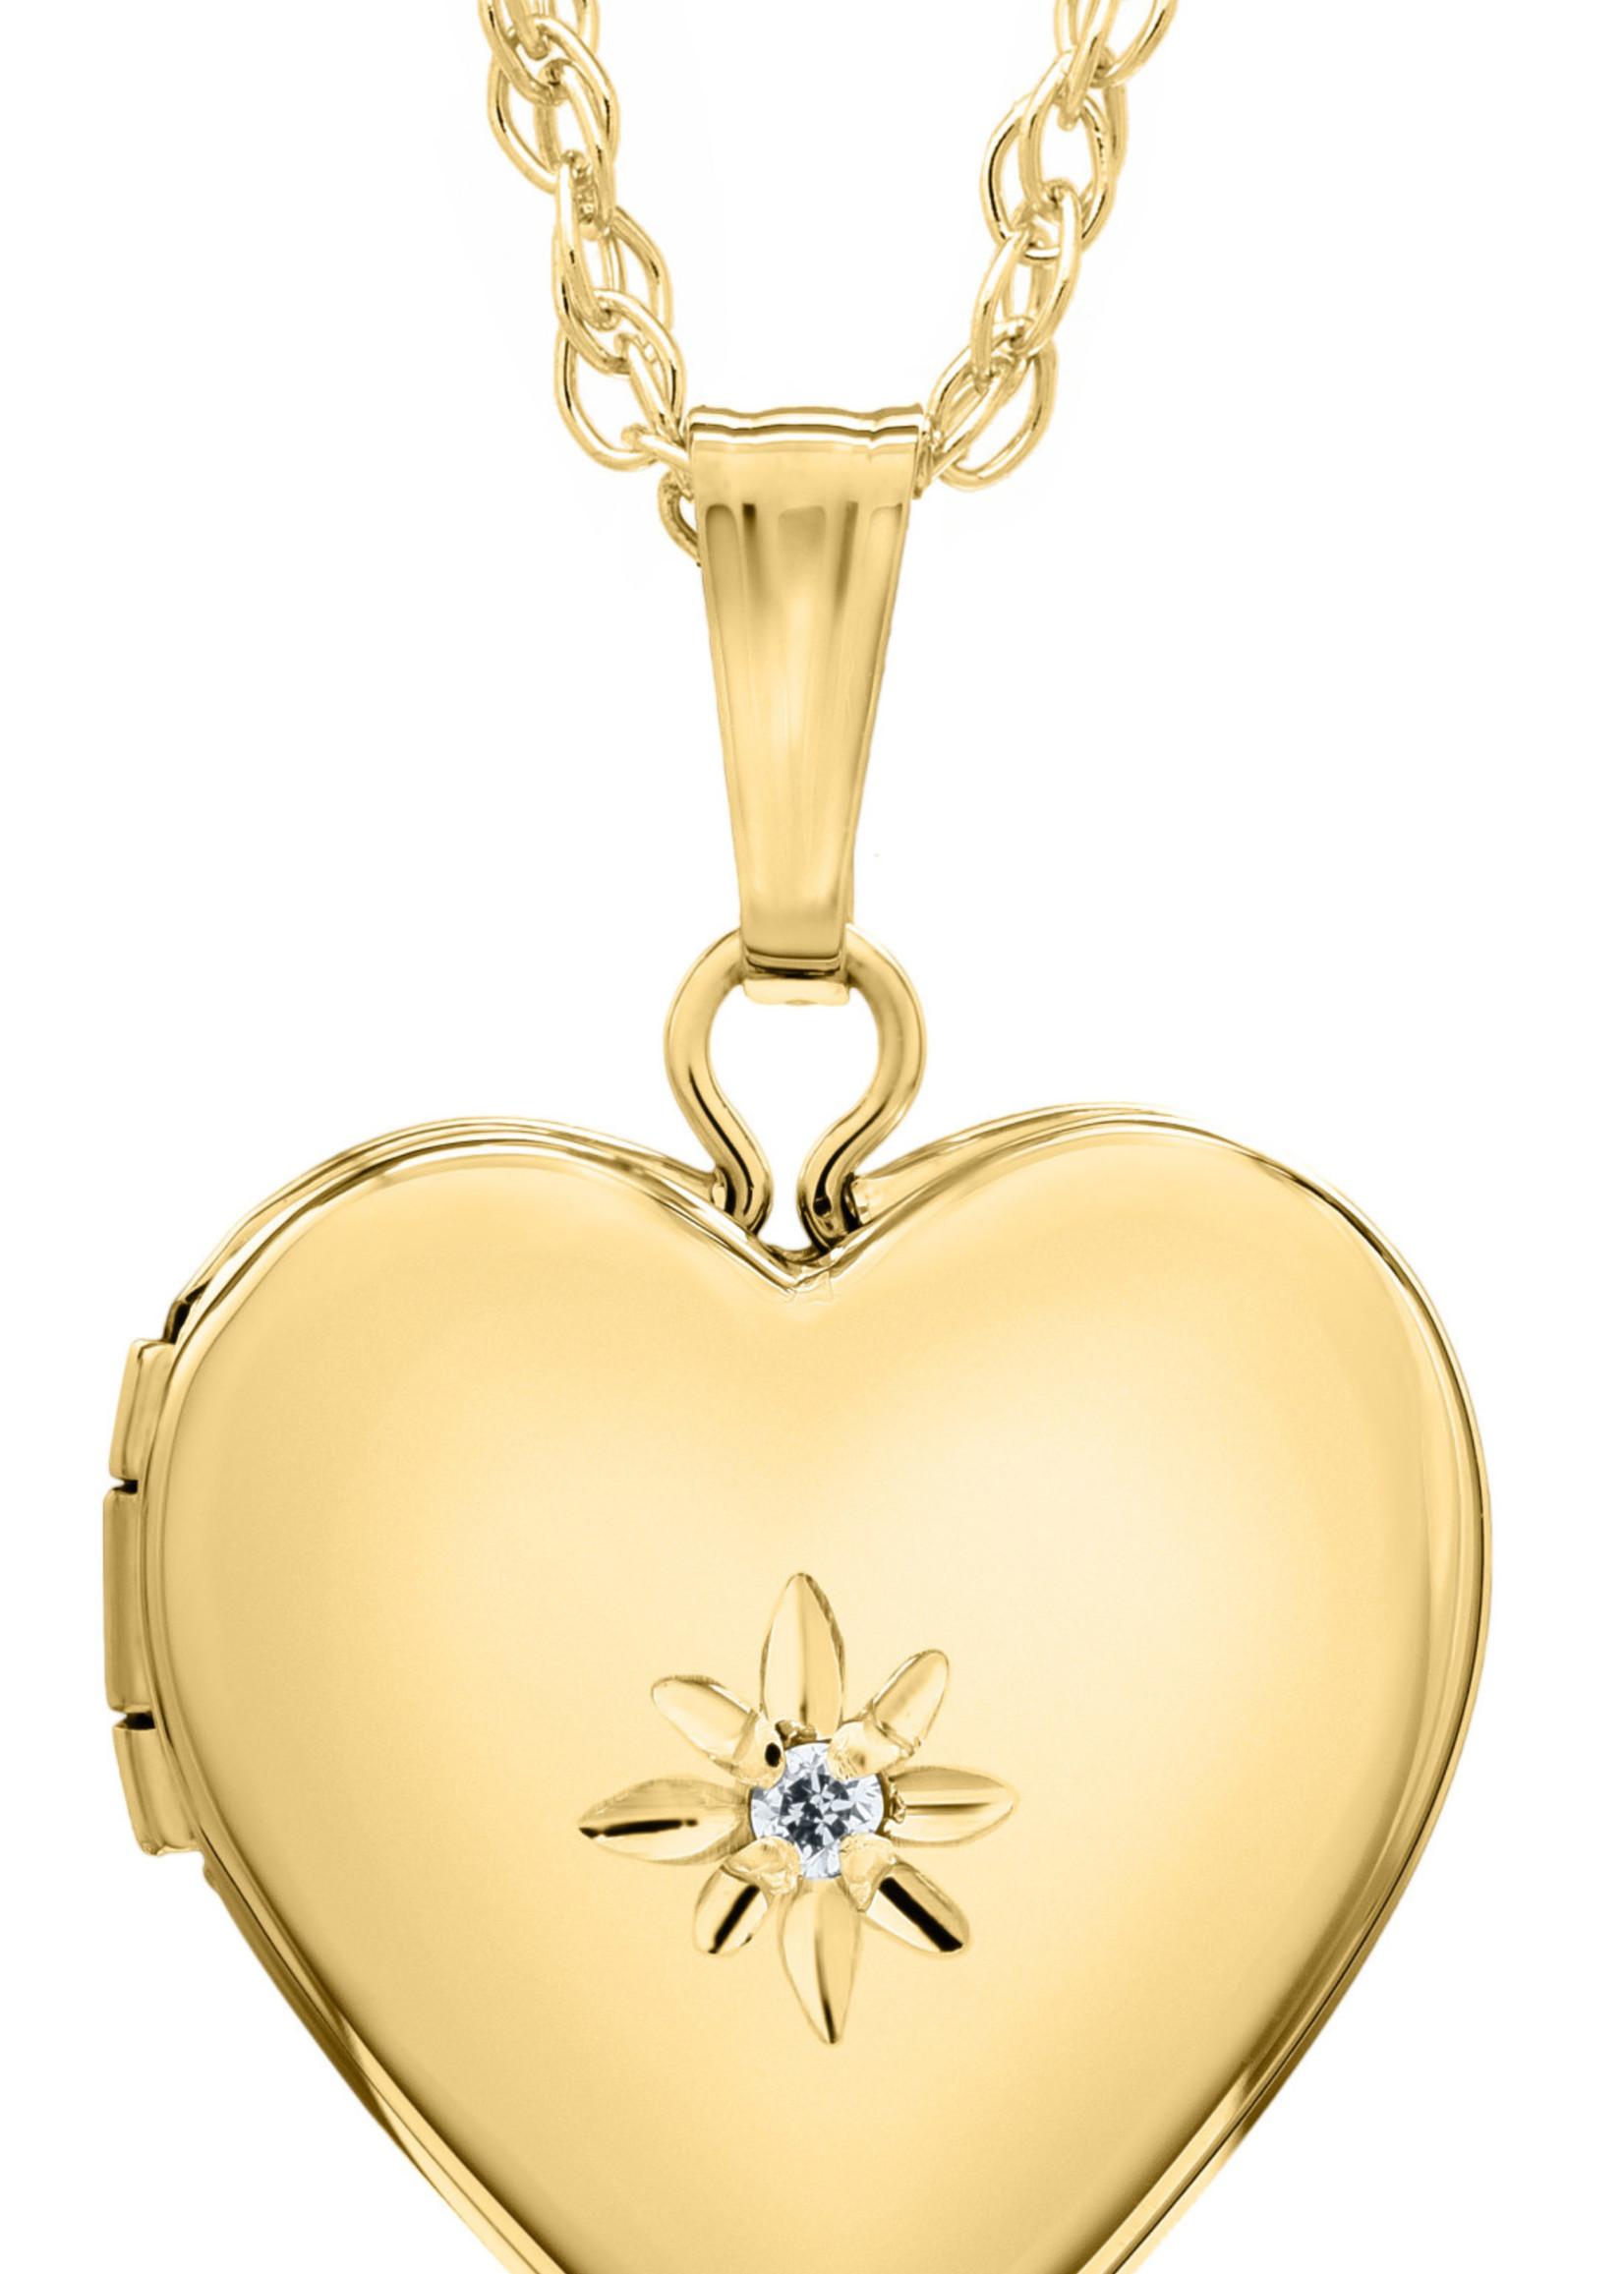 Marathon Company Baby Heart Locket with Diamond 14k Yellow